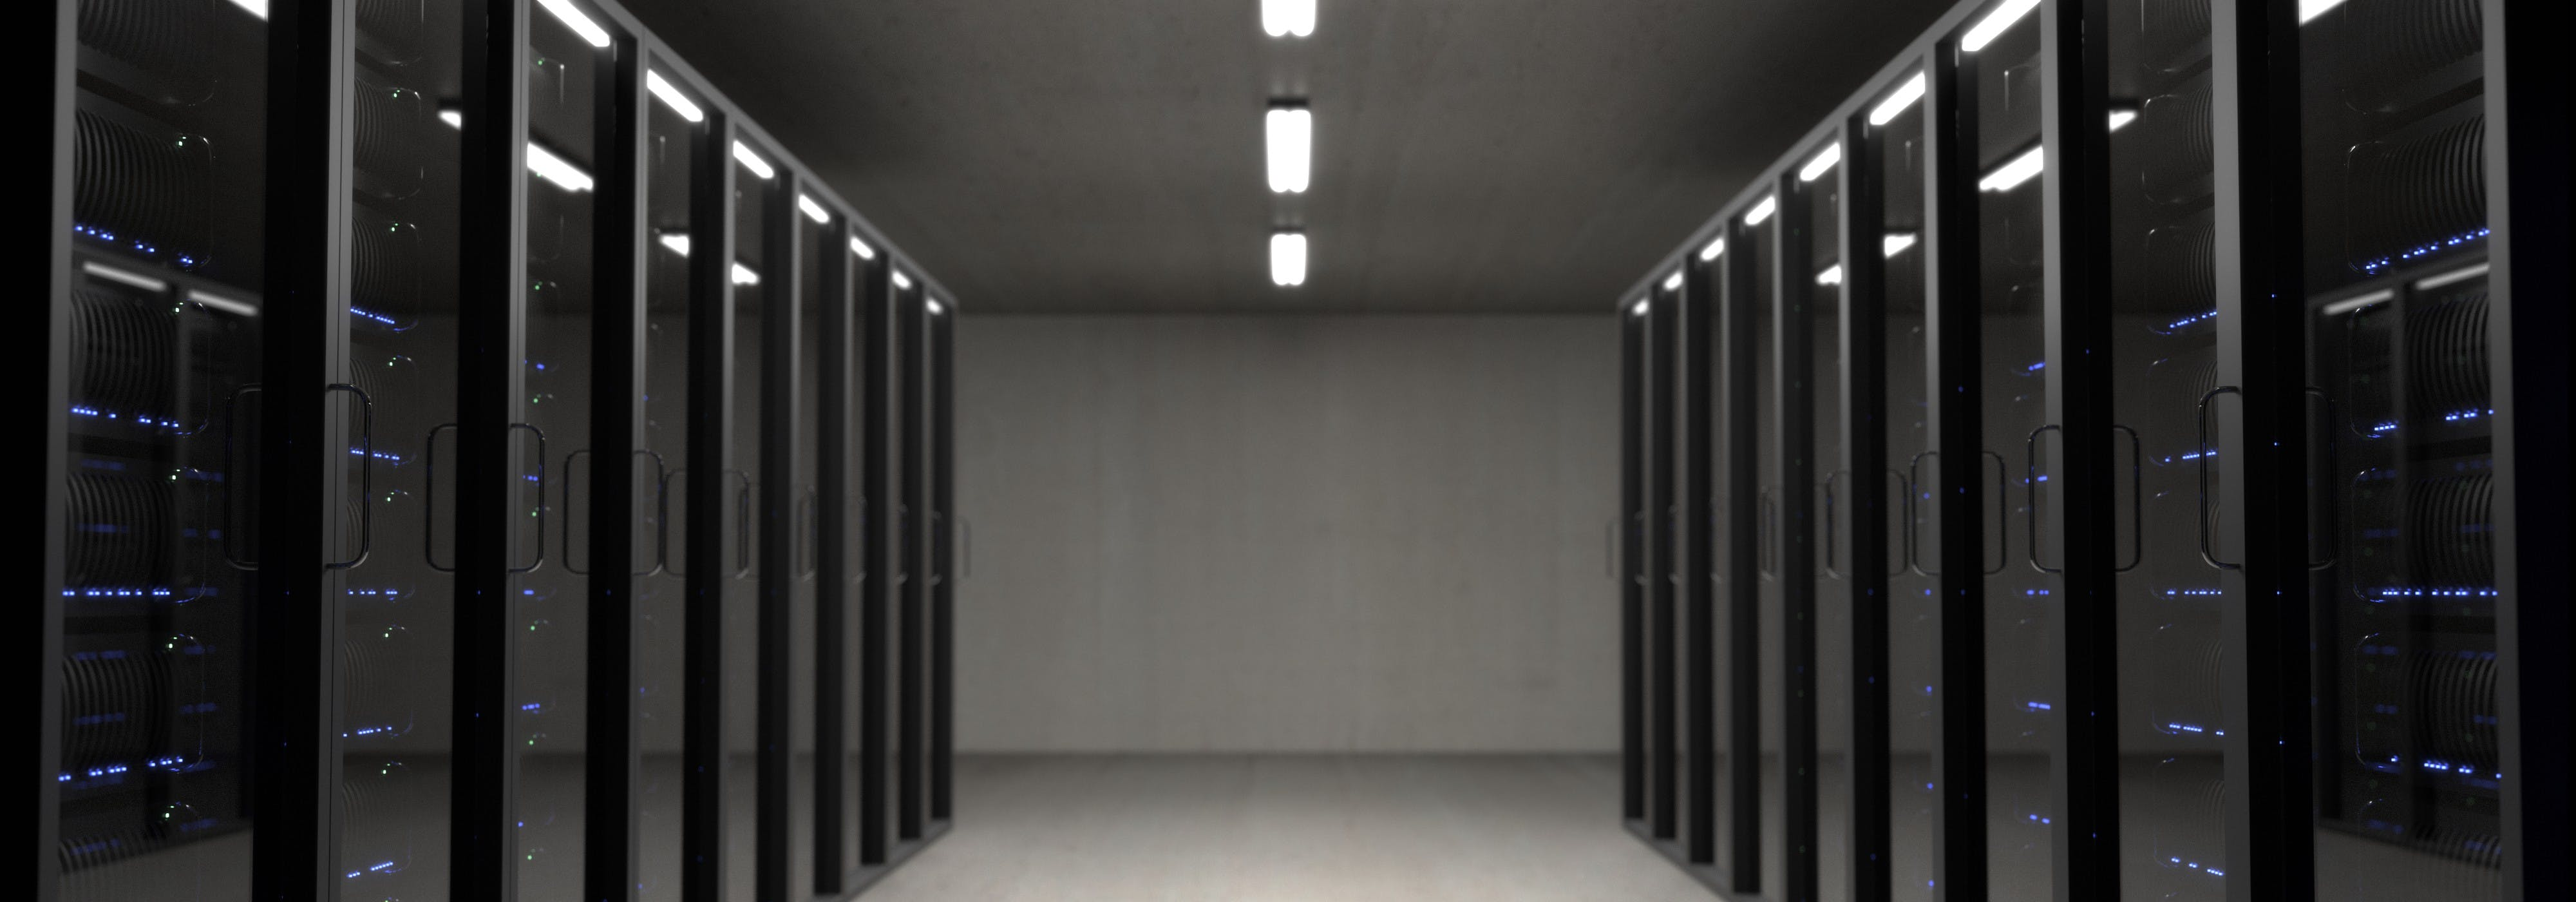 Ảnh lưu trữ miễn phí về ánh sáng, buồng, cơ sở dữ liệu, cửa